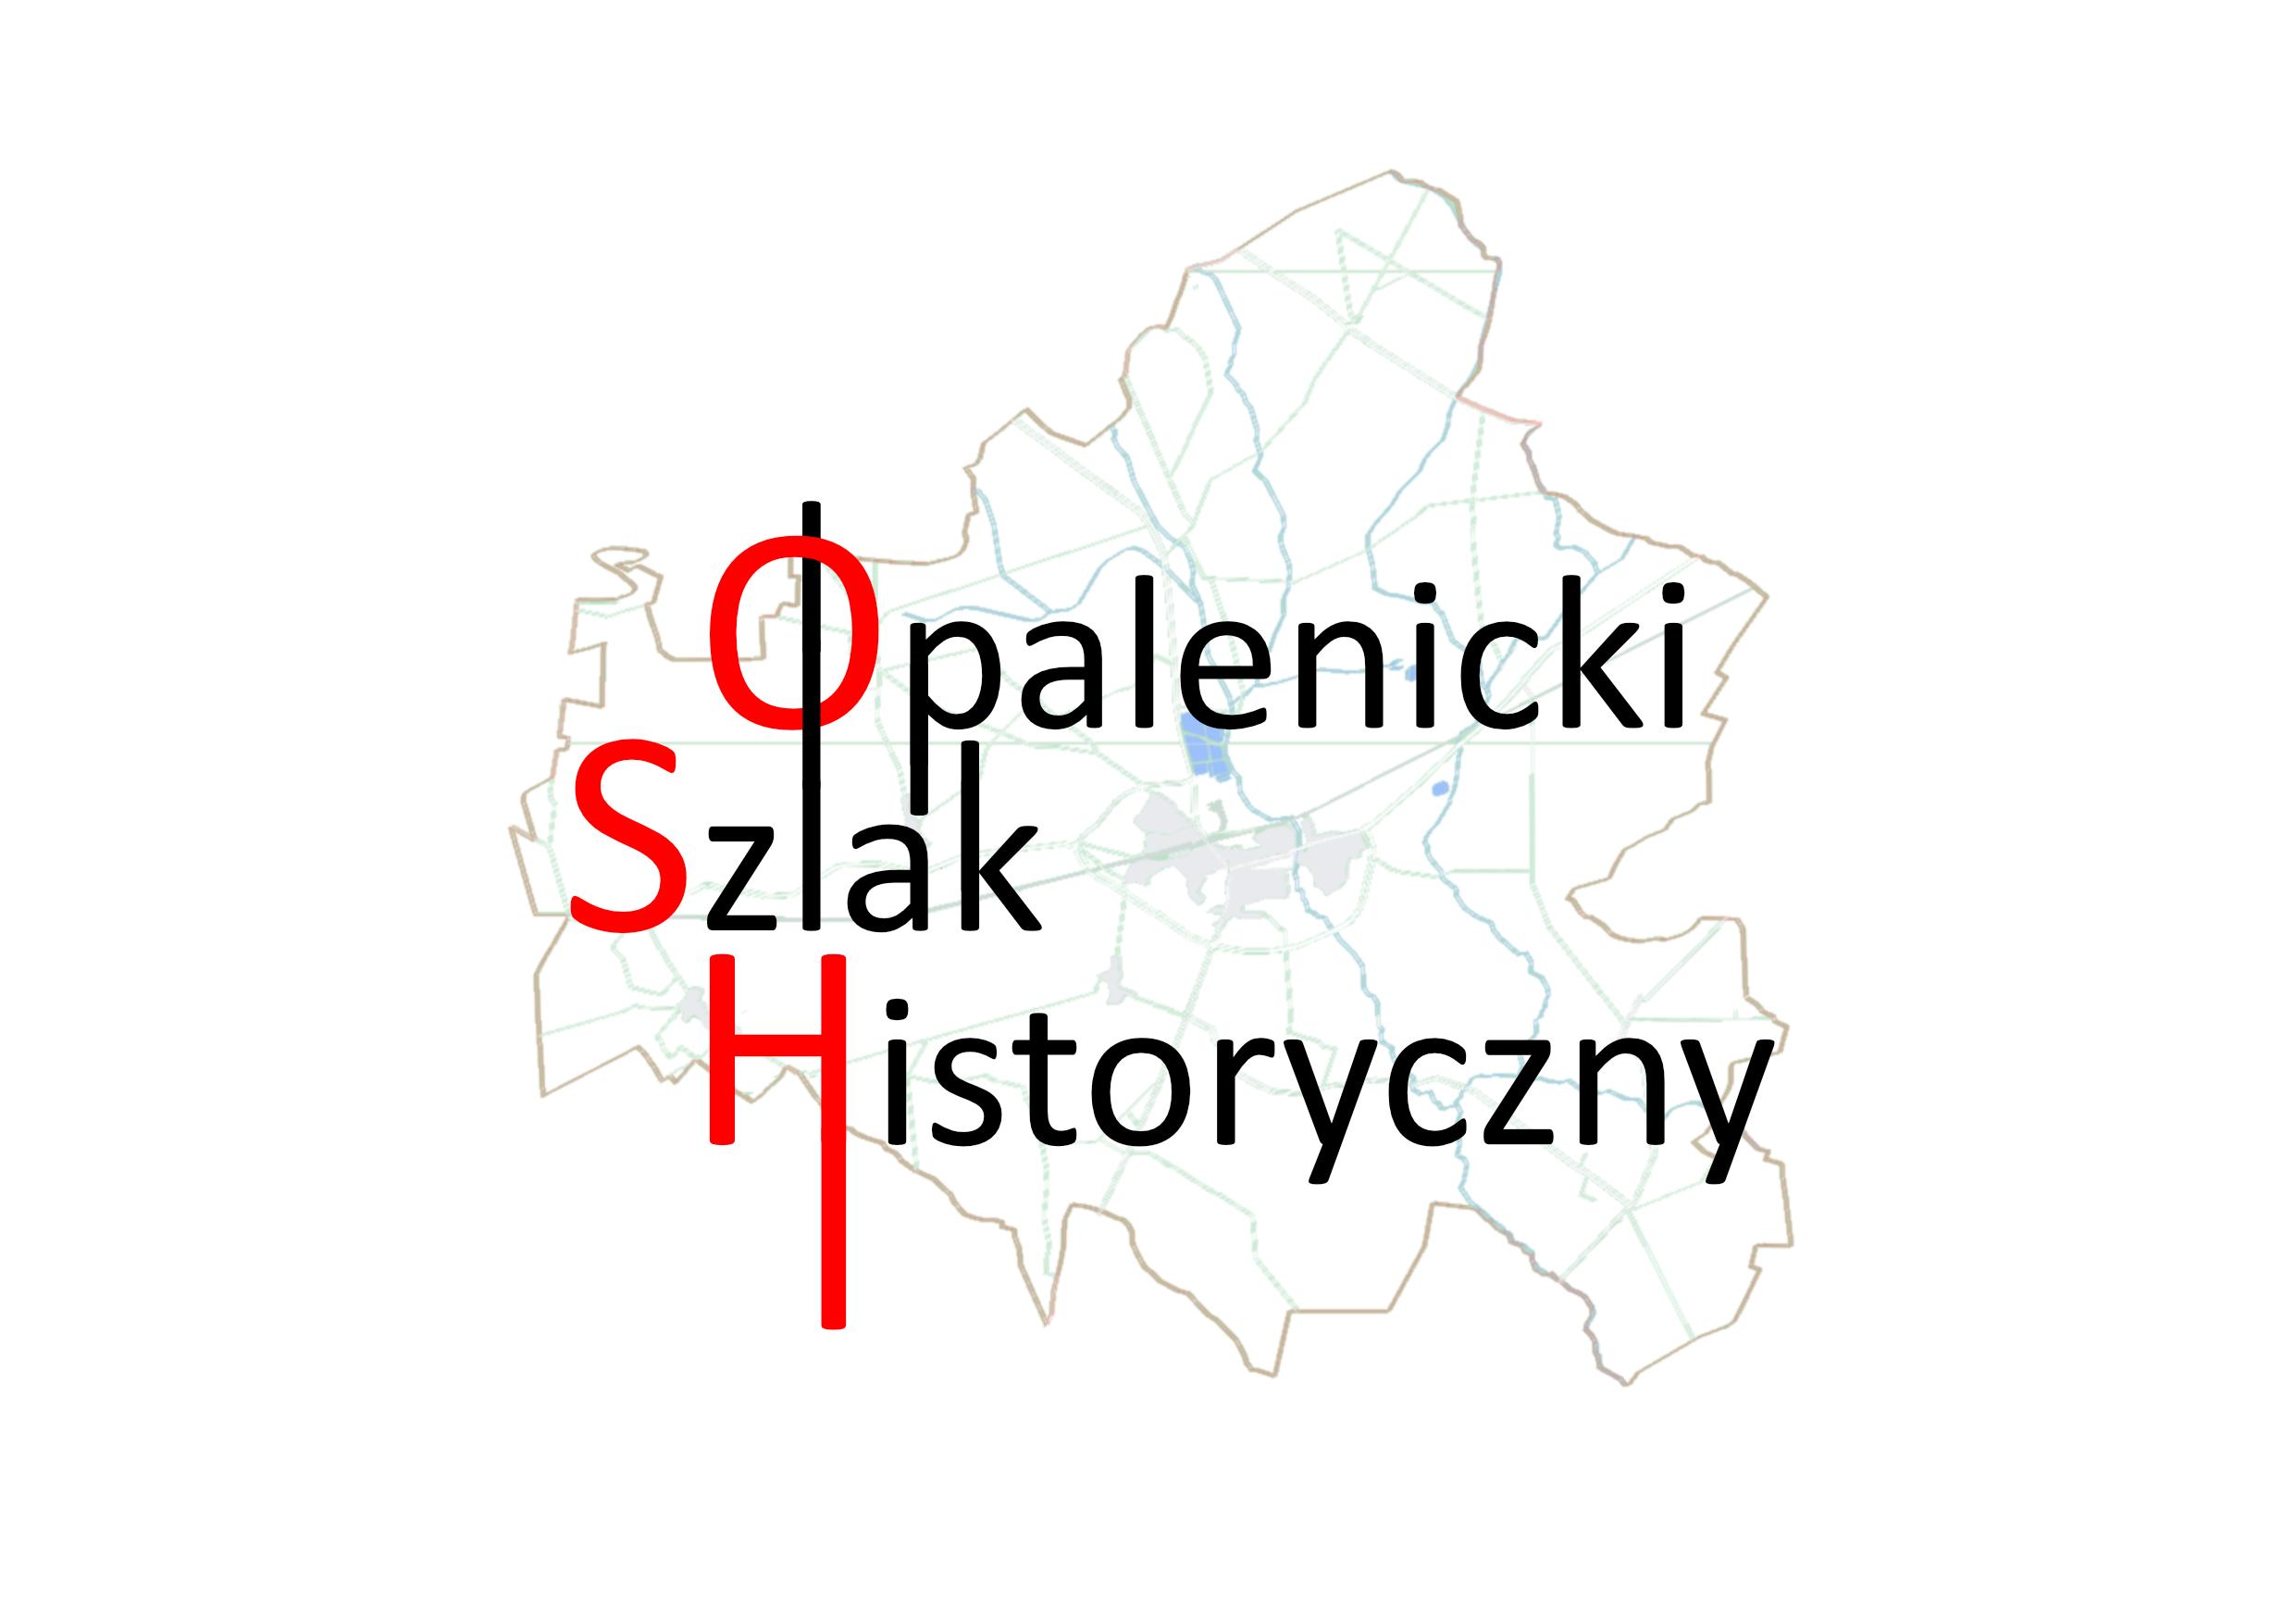 logotyp opalenickiego szlaku historycznego/ na bialym tle mapa gminy opalenica, a na niej proste czarne litery. pierwsza litera każdego słowa jest w kolorze czerwonym.